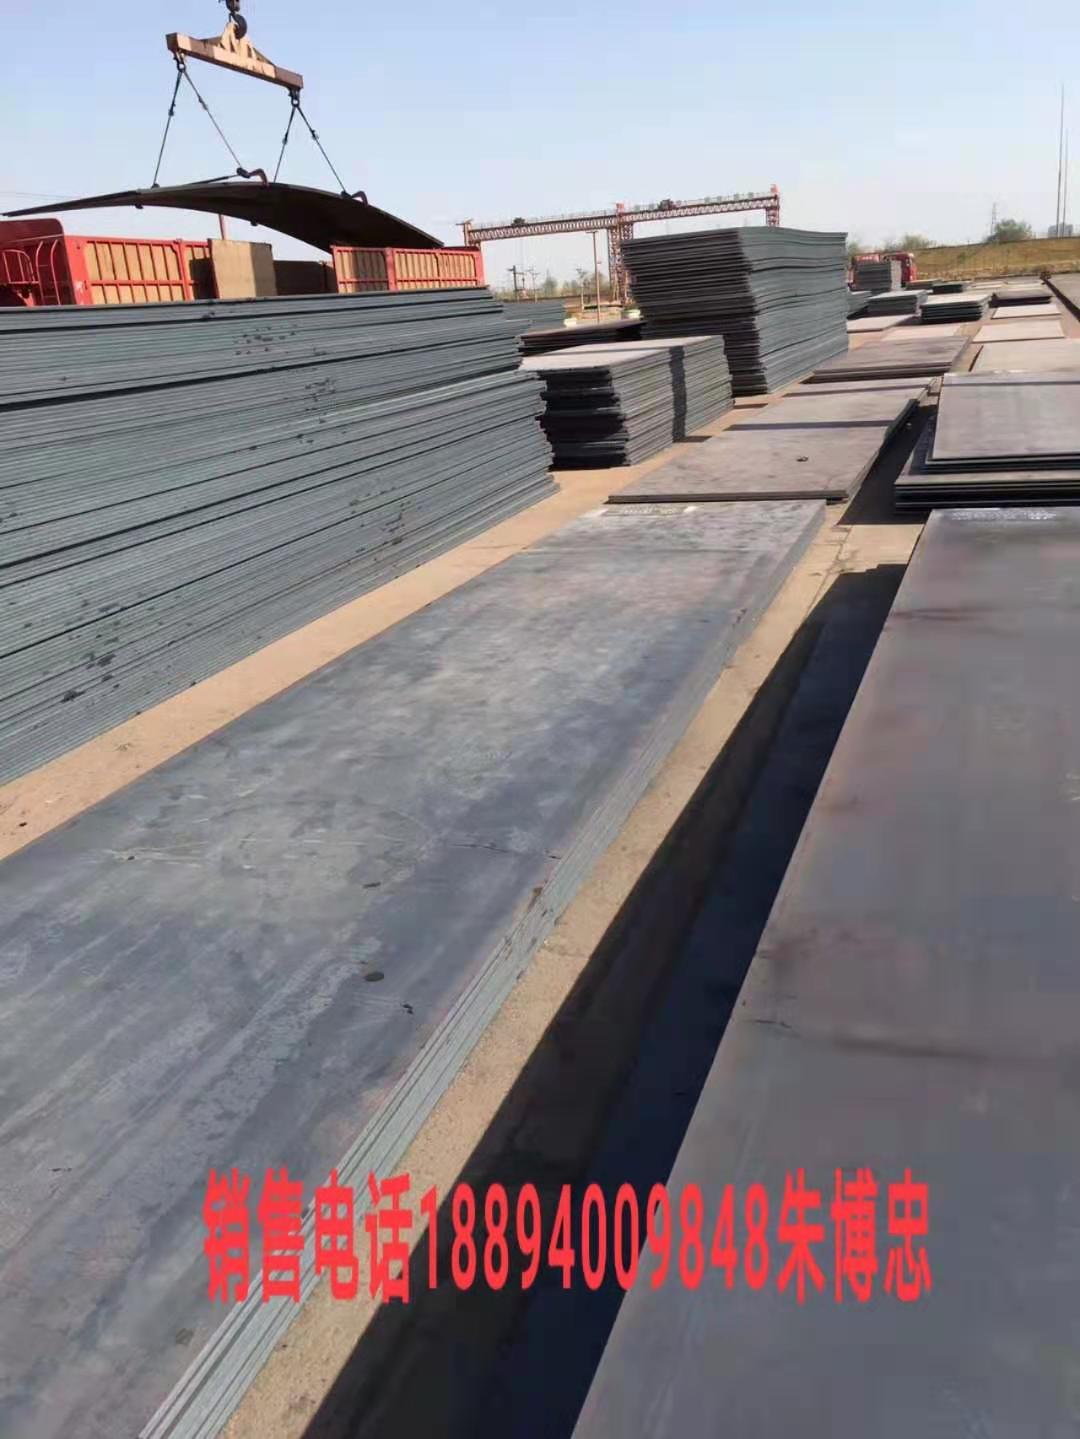 兰州建筑止水钢板 甘肃预埋止水钢板 武威钢板现货 张掖钢板厂家